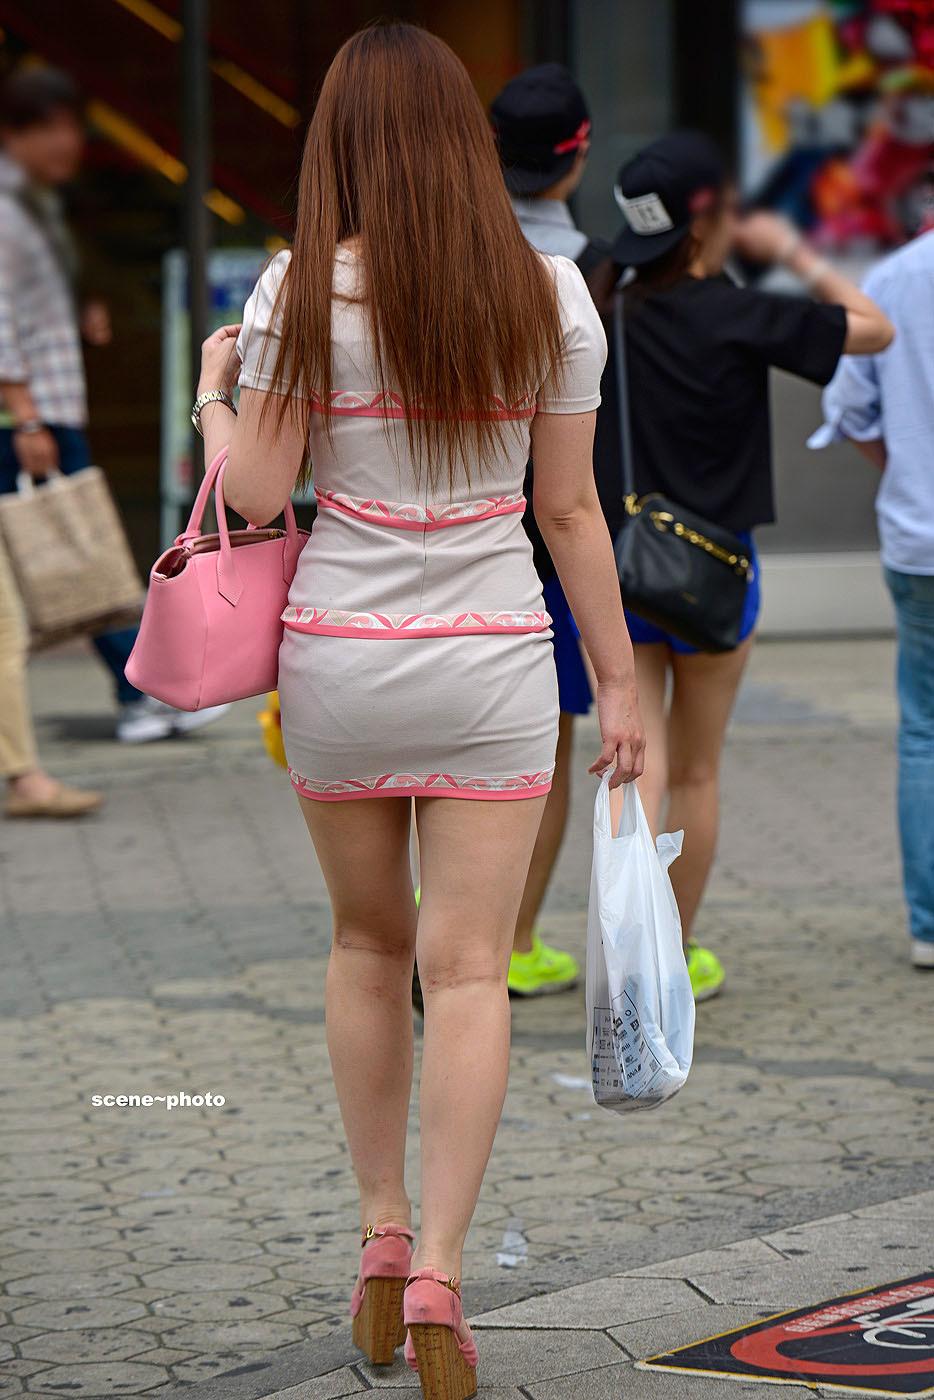 股間を刺激するタイトミニスカがえろ過ぎる街撮り写真